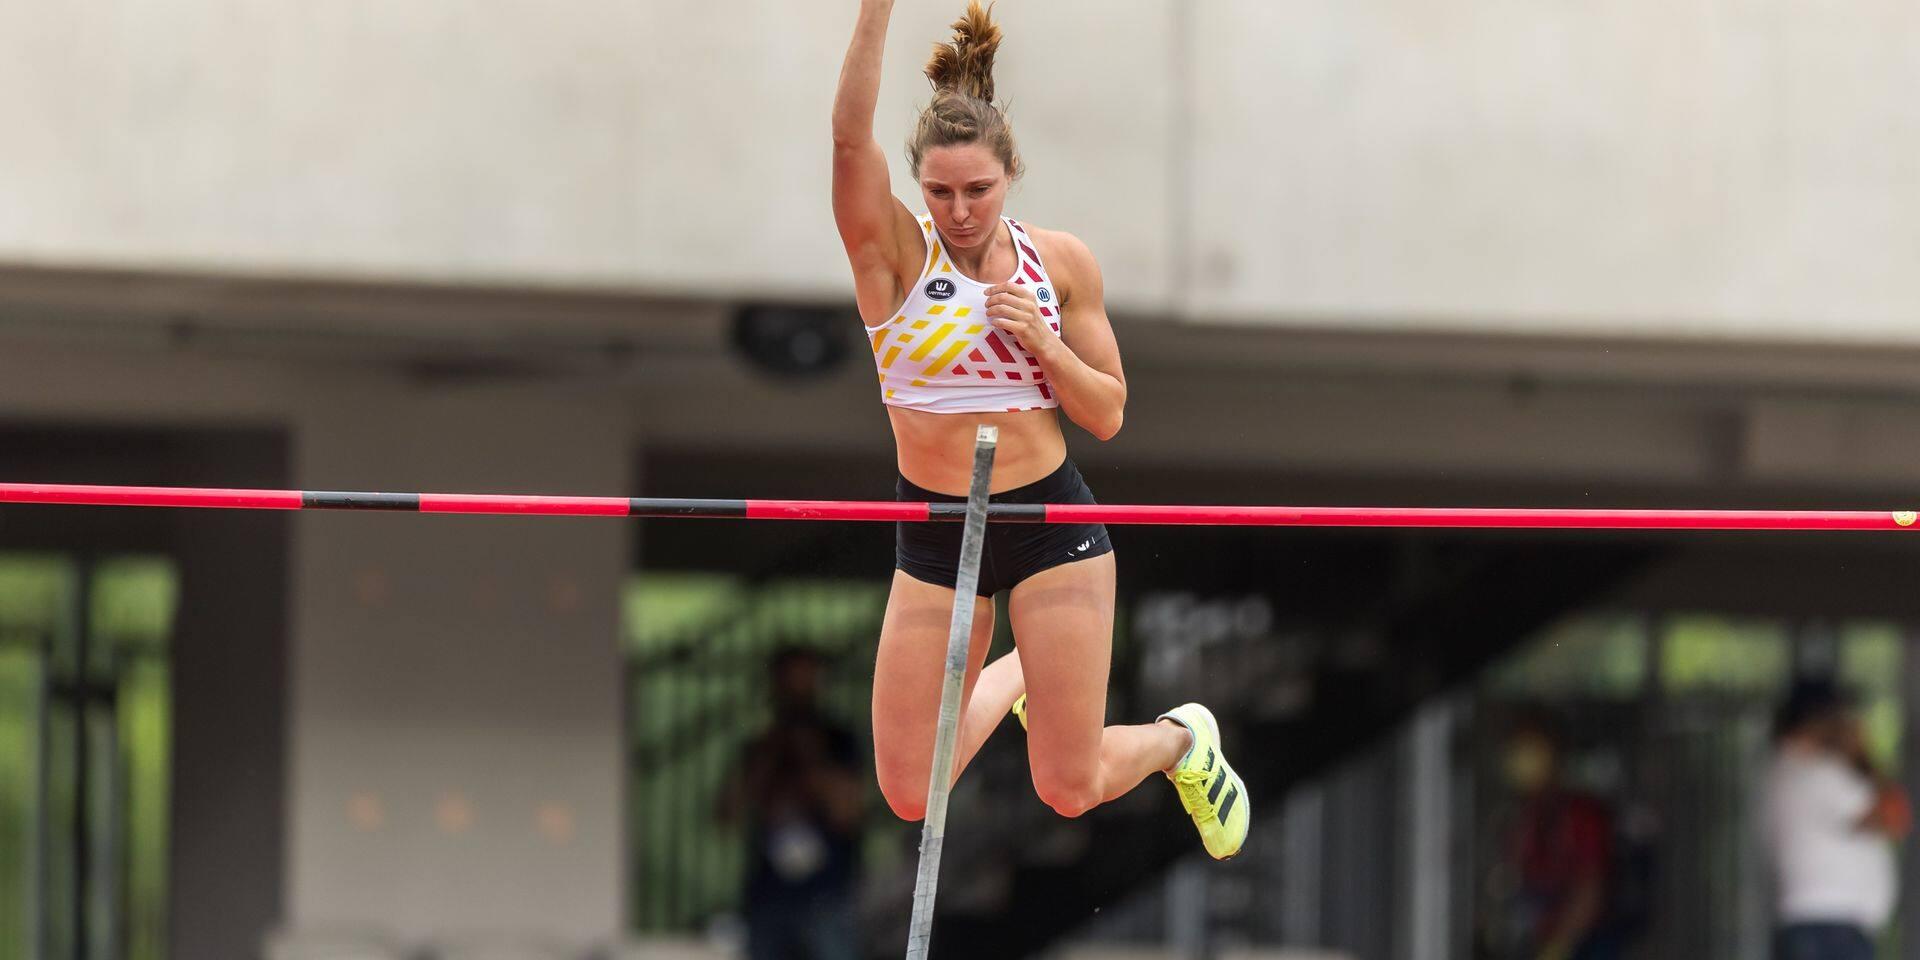 """Fanny Smets va découvrir les Jeux olympiques à 35 ans: """"C'est quelque chose d'exceptionnel"""""""